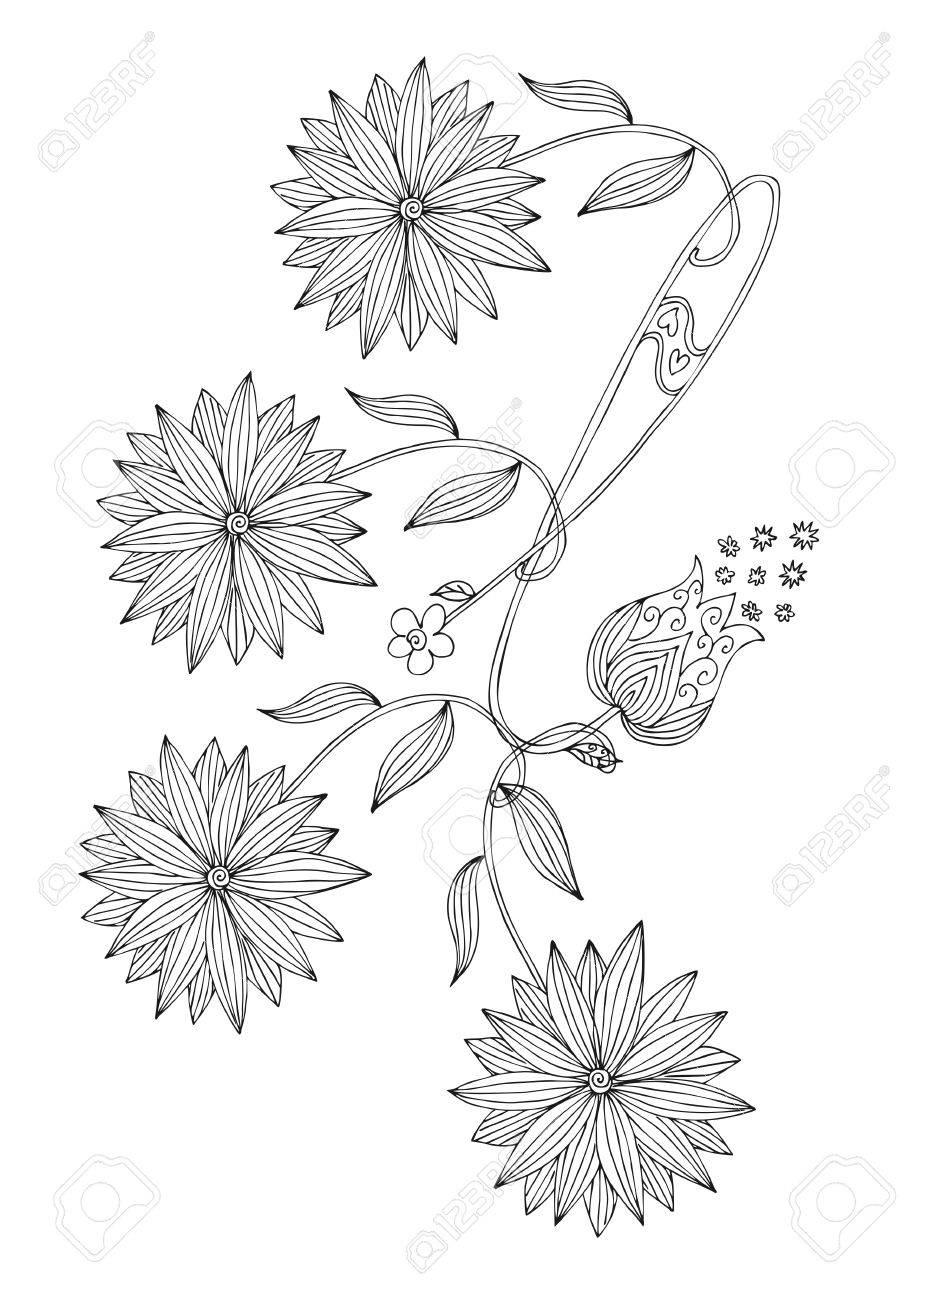 Hand Gezeichnet Doodle Blumen Schwarz Weiß Darstellung Für Malbuch